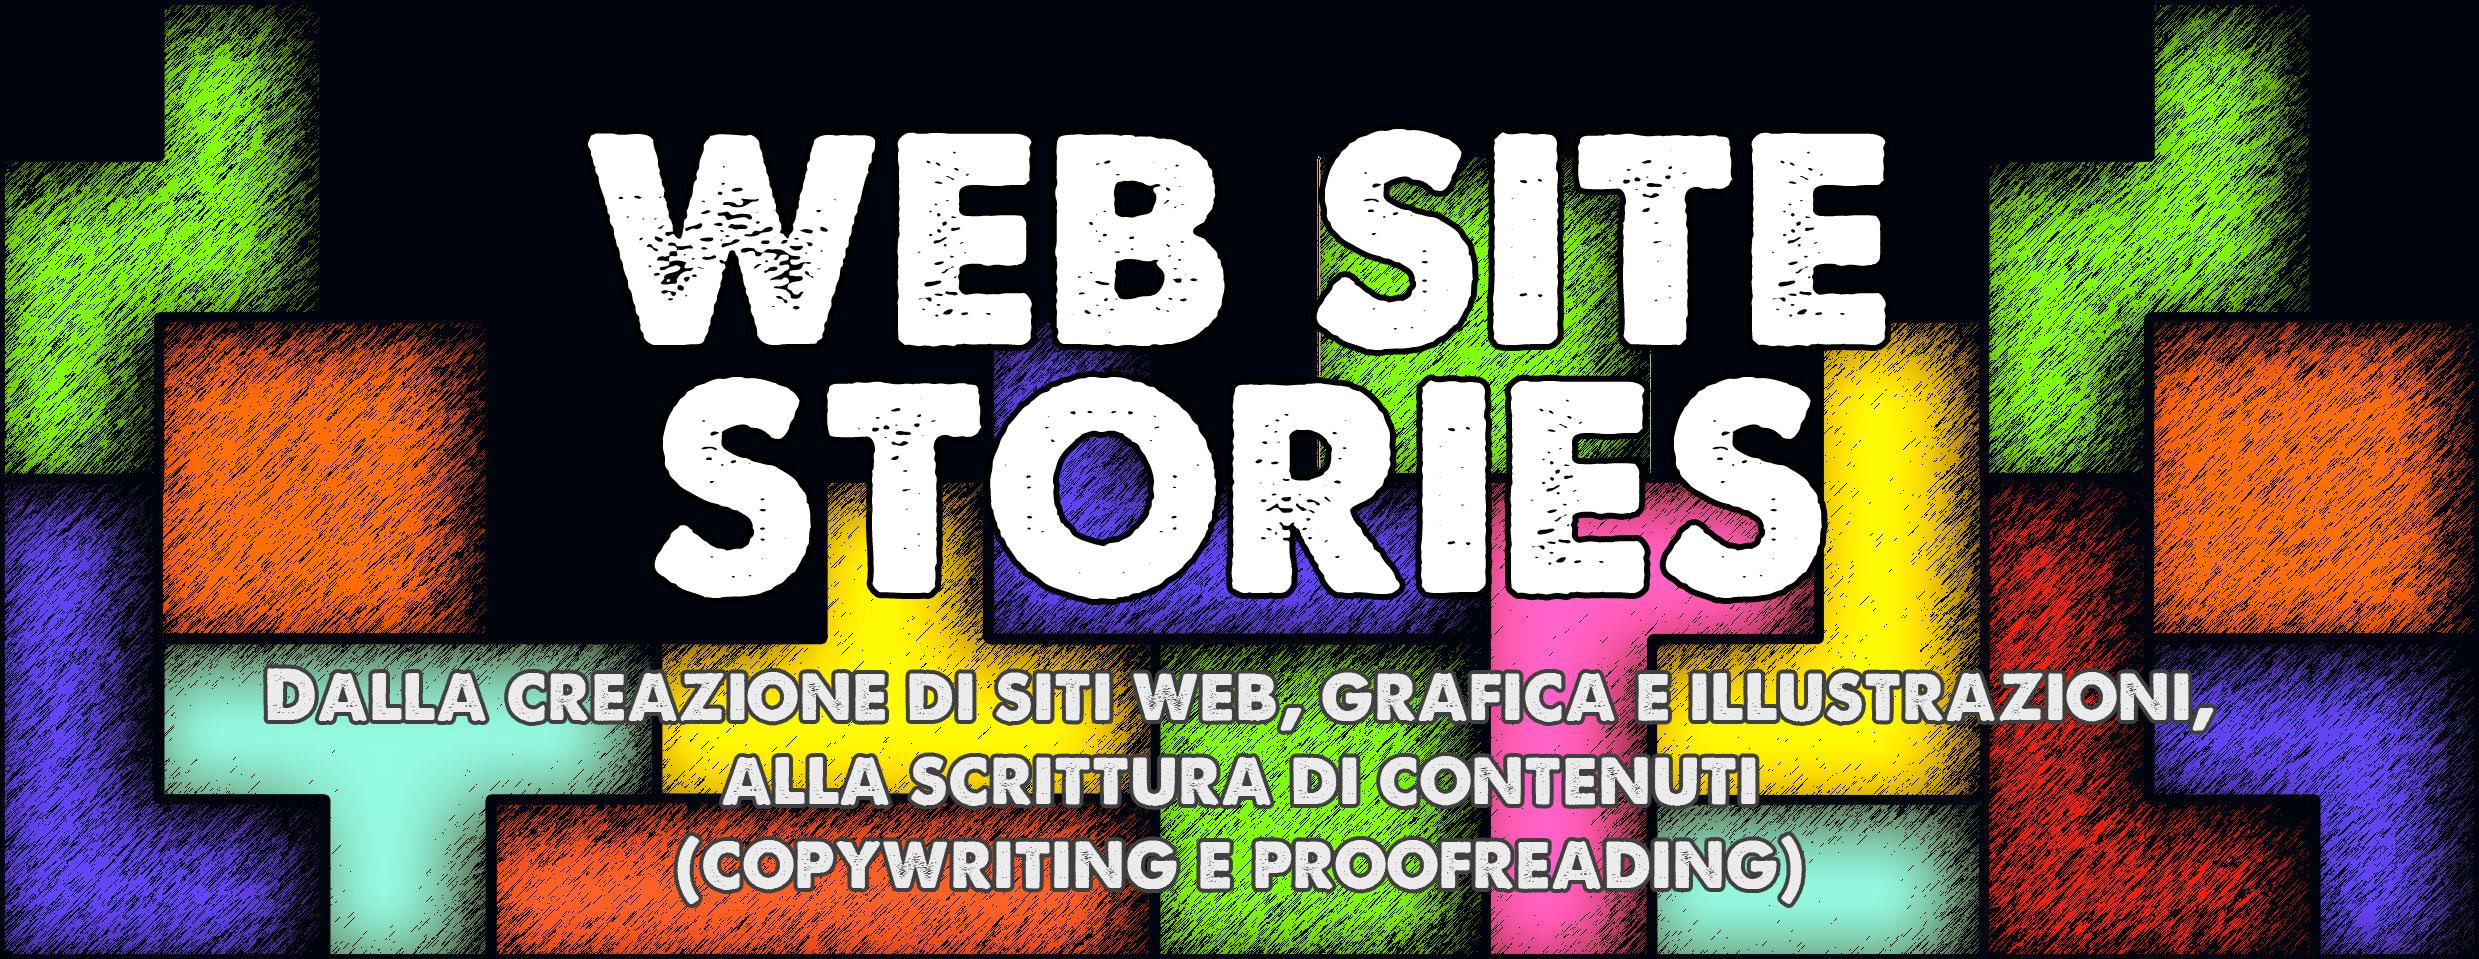 Parole e immagini per il web.